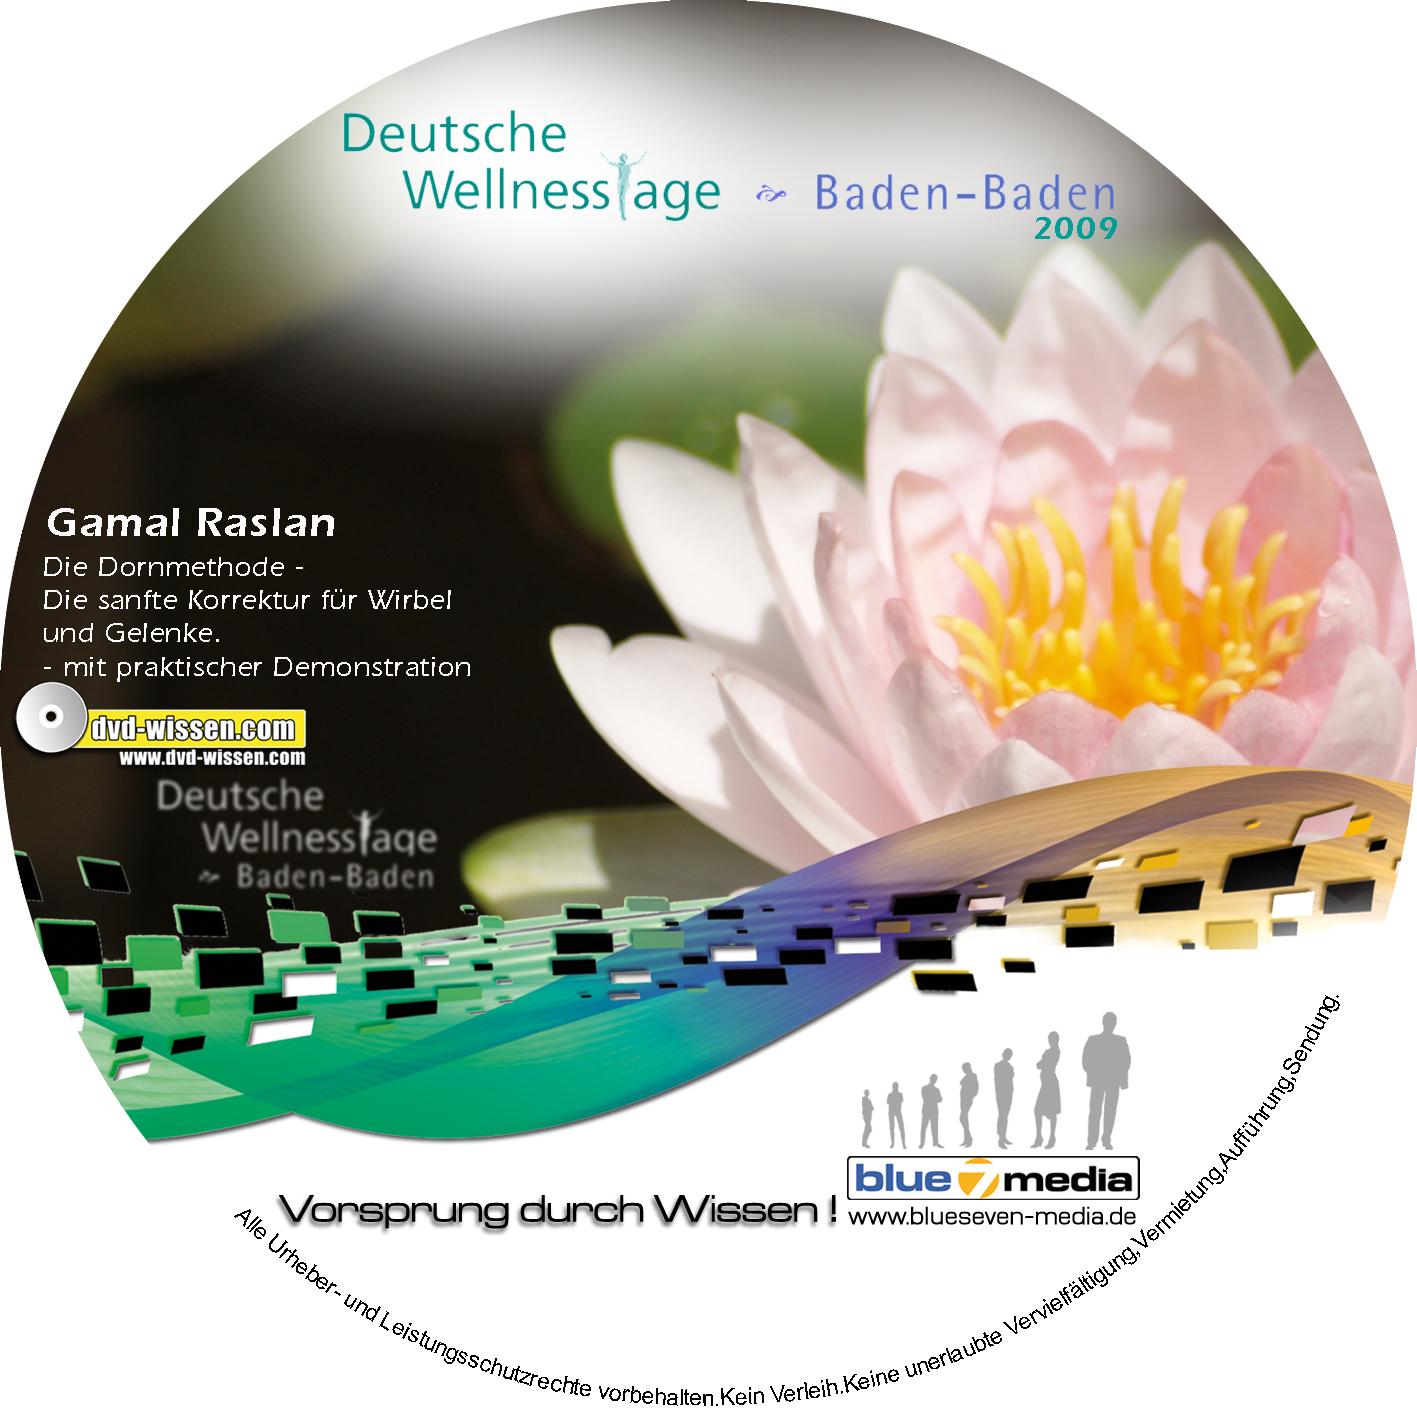 Gamal Raslan: Die Dorn-Methode - die sanfte Korrektur für Wirbel und Gelenke. Mit praktischer Demonstration